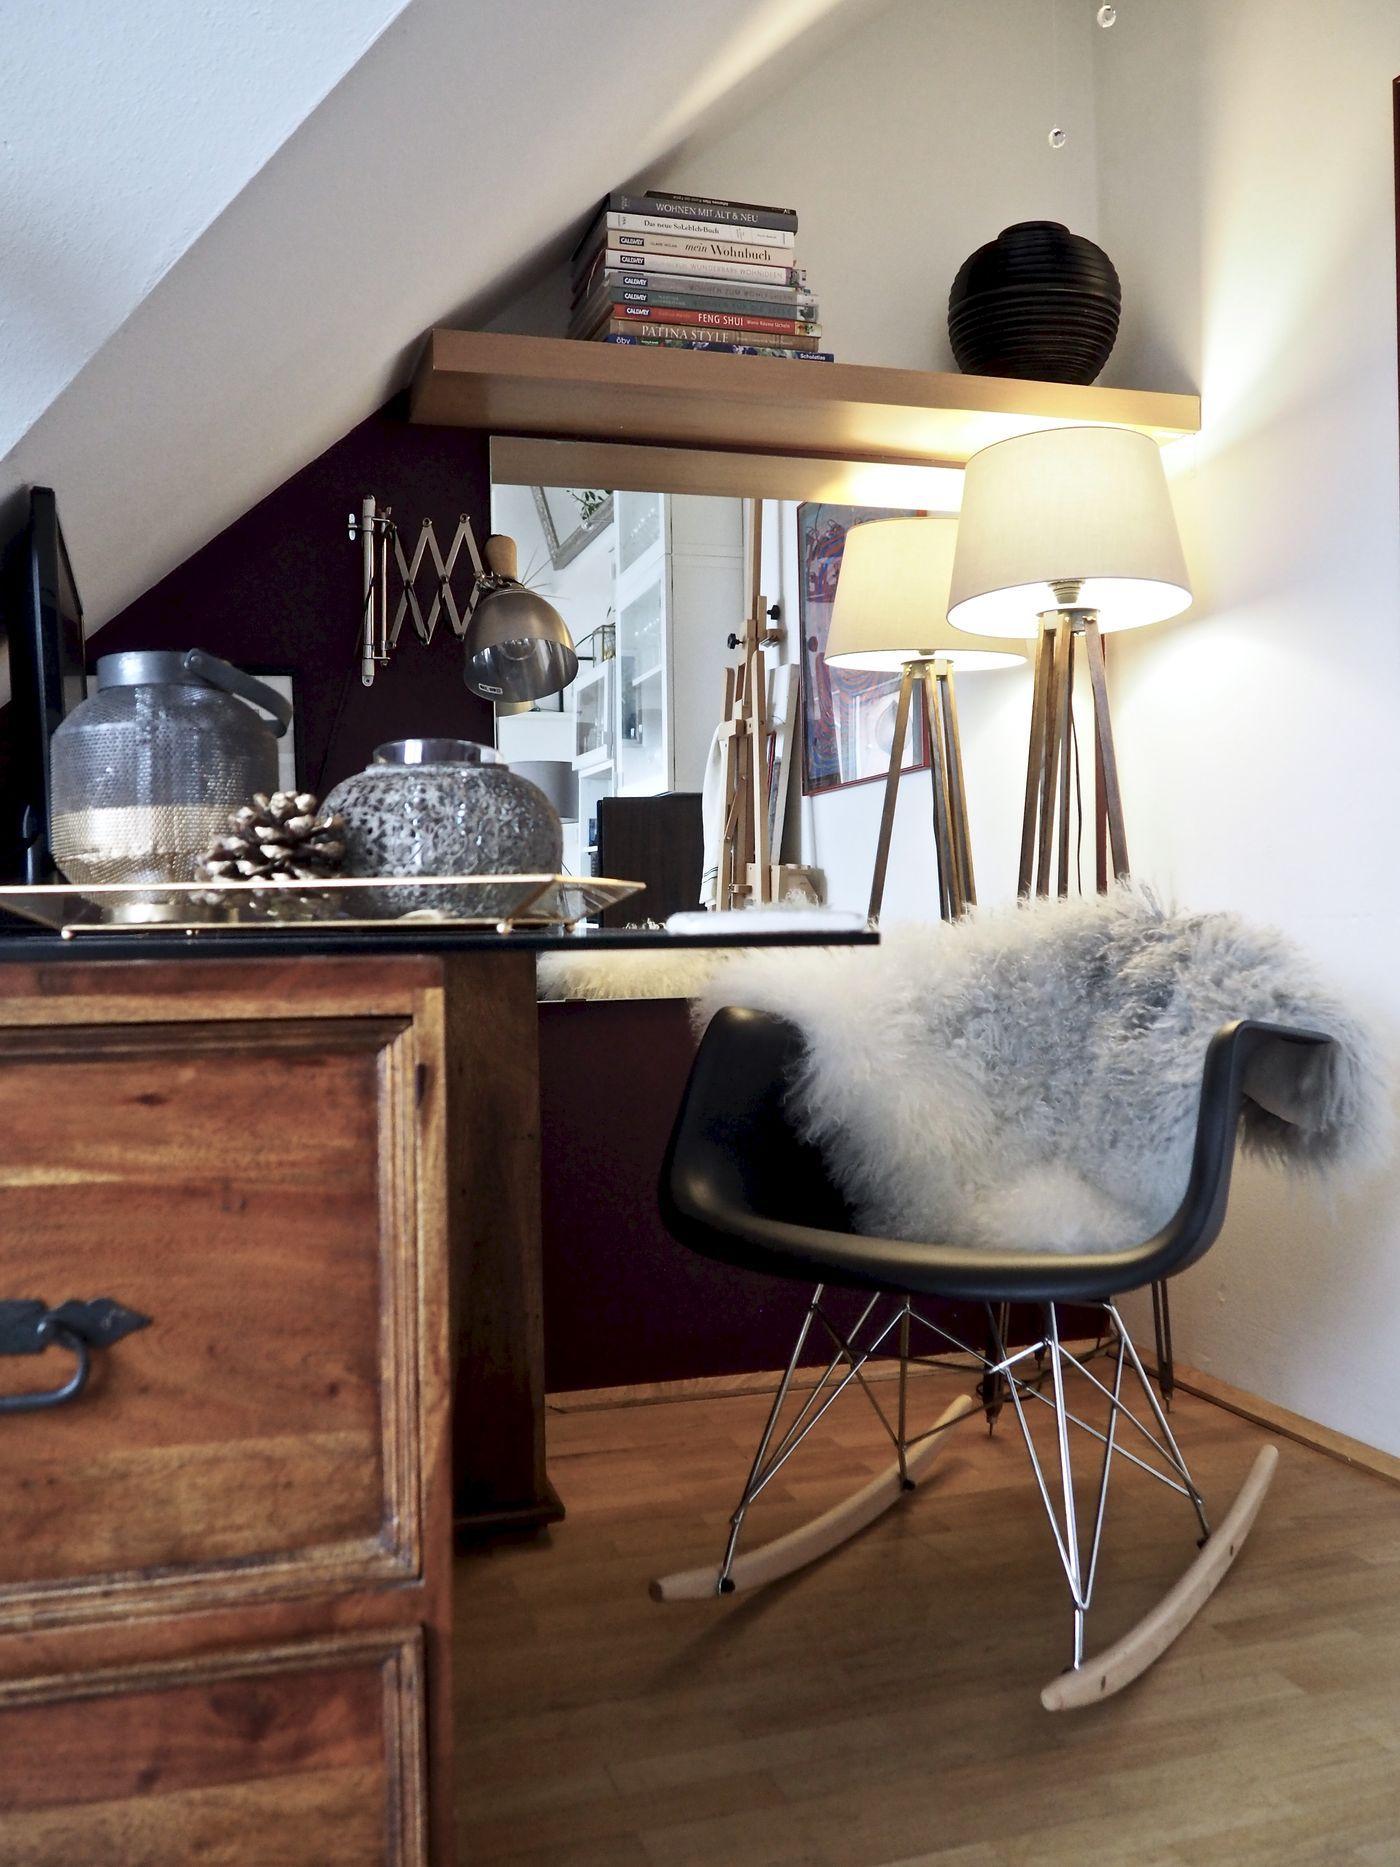 schlafzimmer lampe alt schlafzimmer einrichten bett komplett berlin kleiderschr nke selbst. Black Bedroom Furniture Sets. Home Design Ideas